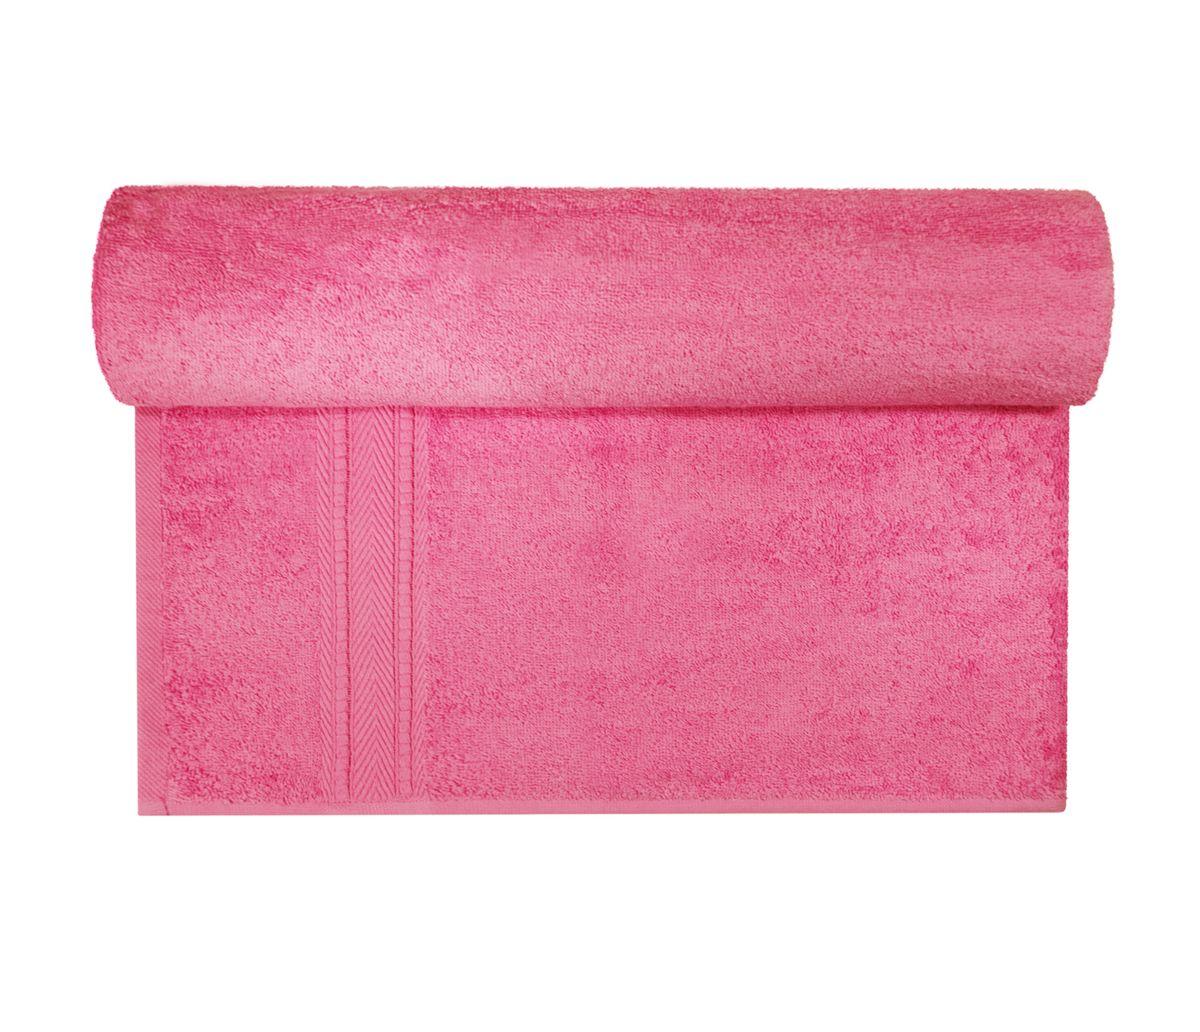 Полотенце махровое Osborn Textile, цвет: розовый, 70 х 140 смУзТ-МПБ-004-02-04В состав полотенца Osborn Textile входит только натуральное волокно - хлопок. Лаконичные бордюры подойдут для любого интерьера ванной комнаты. Полотенце прекрасно впитывает влагу и быстро сохнет. При соблюдении рекомендаций по уходу не линяет и не теряет форму даже после многократных стирок. Плотность: 450 г/м2.